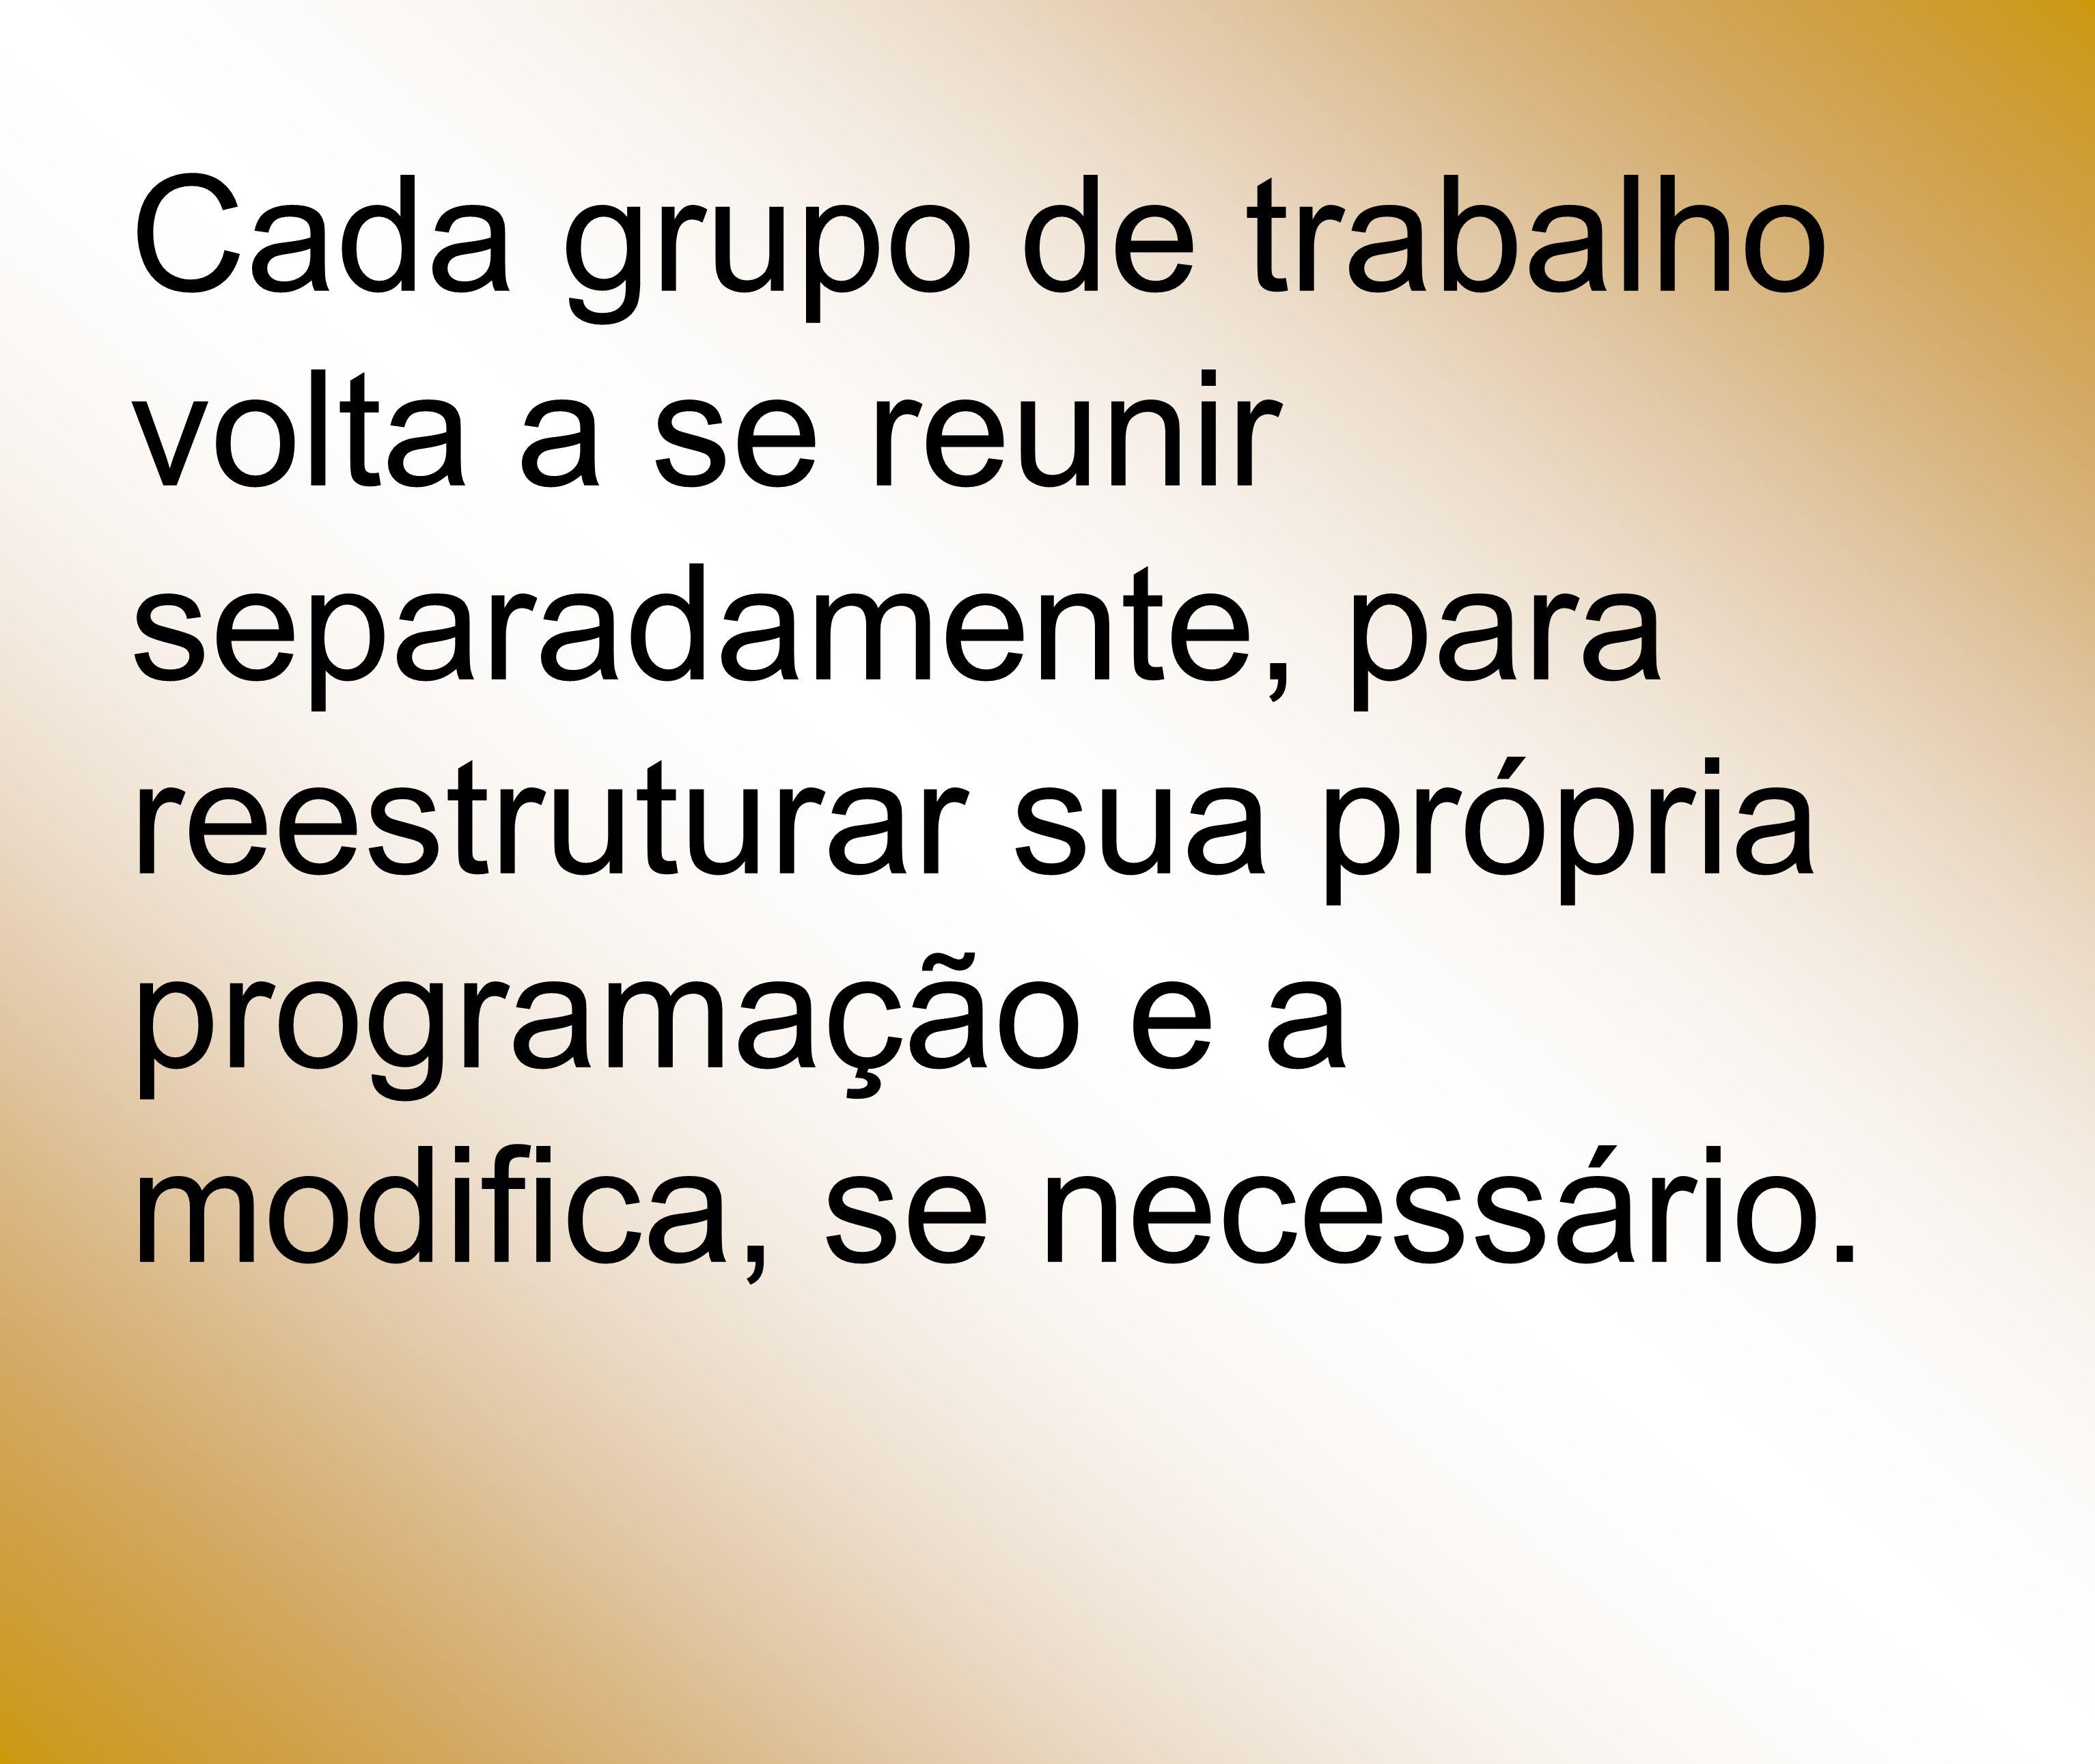 Cada grupo de trabalho volta a se reunir separadamente, para reestruturar sua própria programação e a modifica, se necessário.